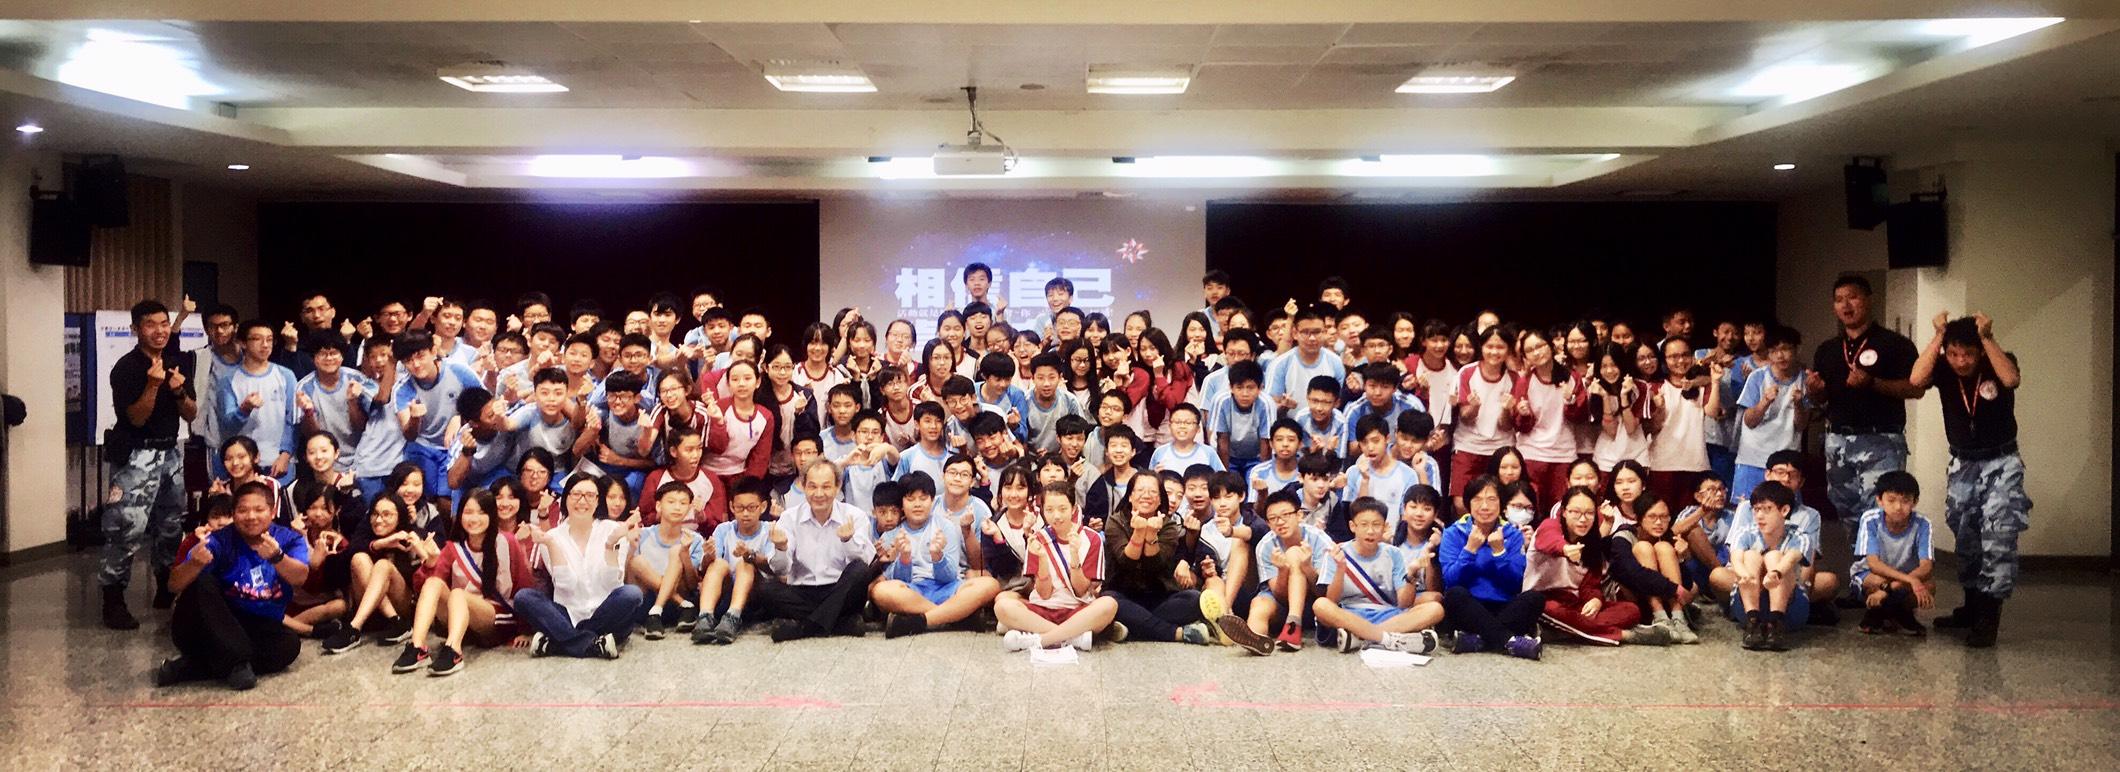 107學年度第一梯次品德教育週(國二甲乙丙)